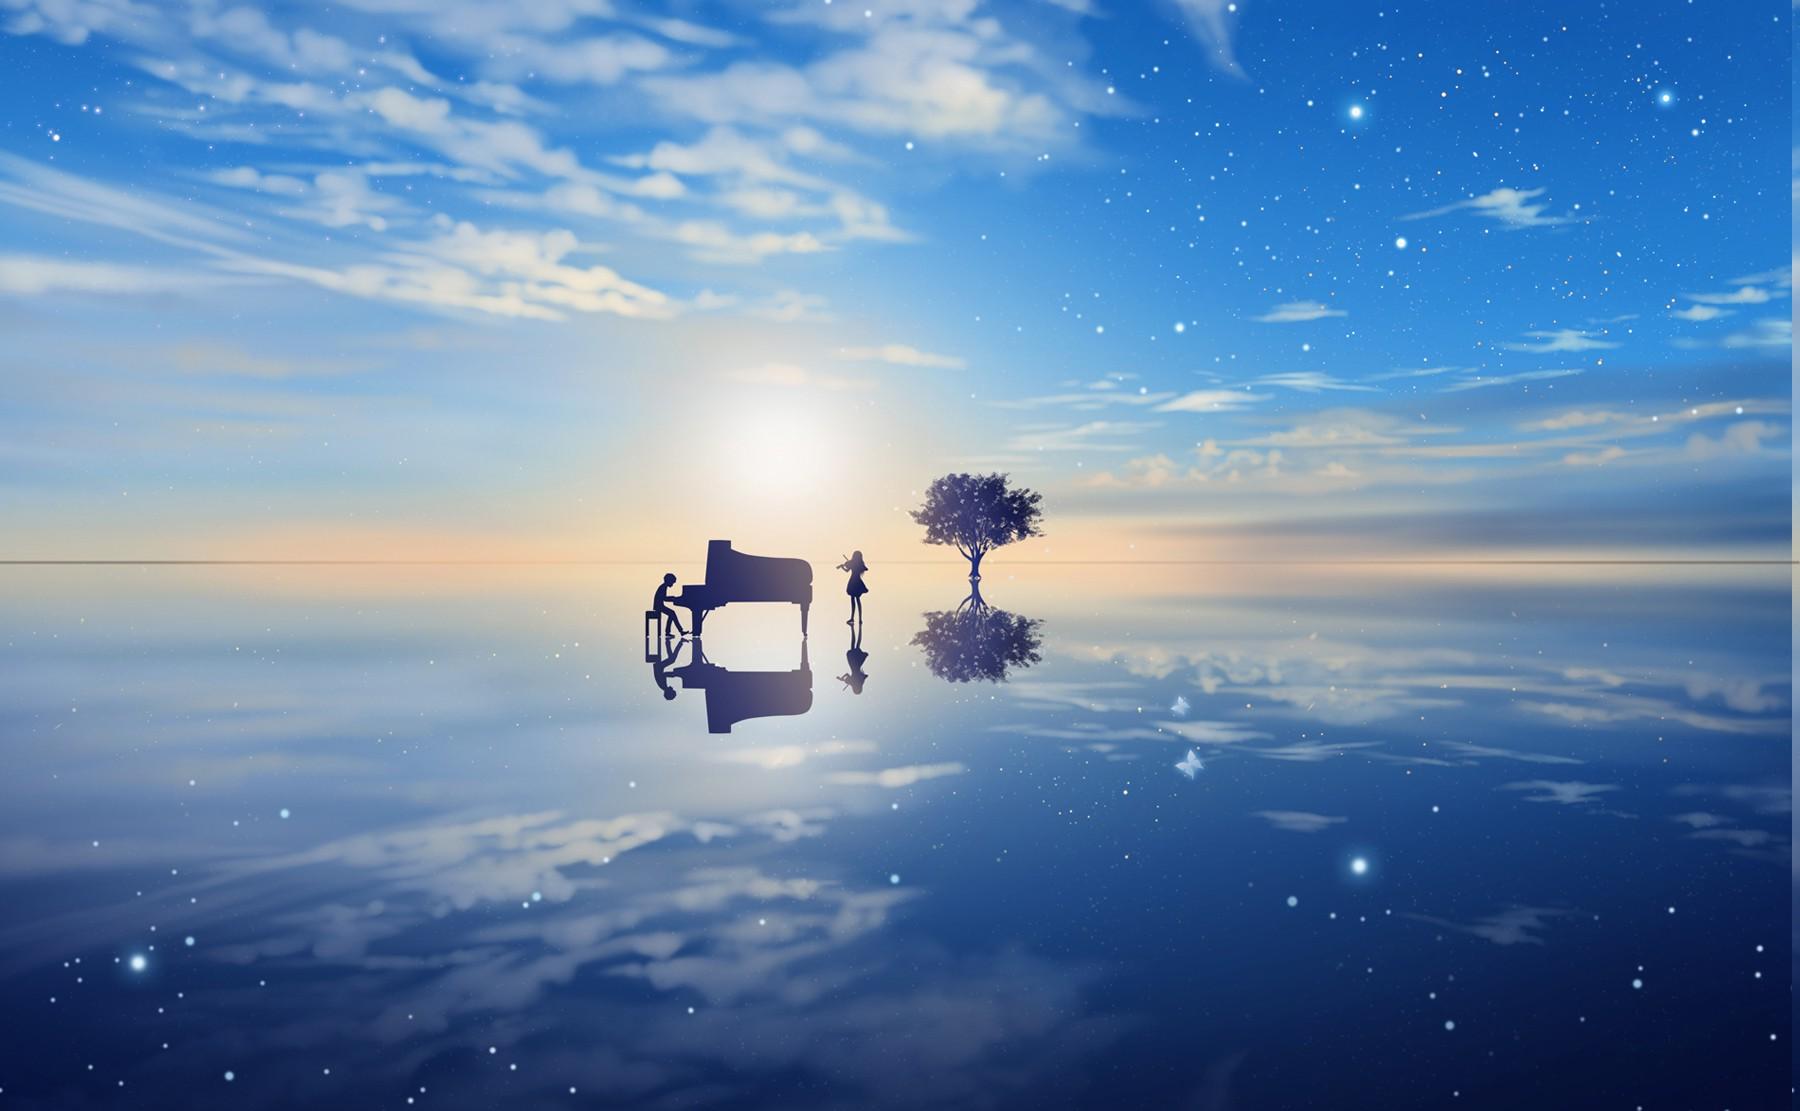 Wallpaper Sunlight Landscape Sea Anime Water